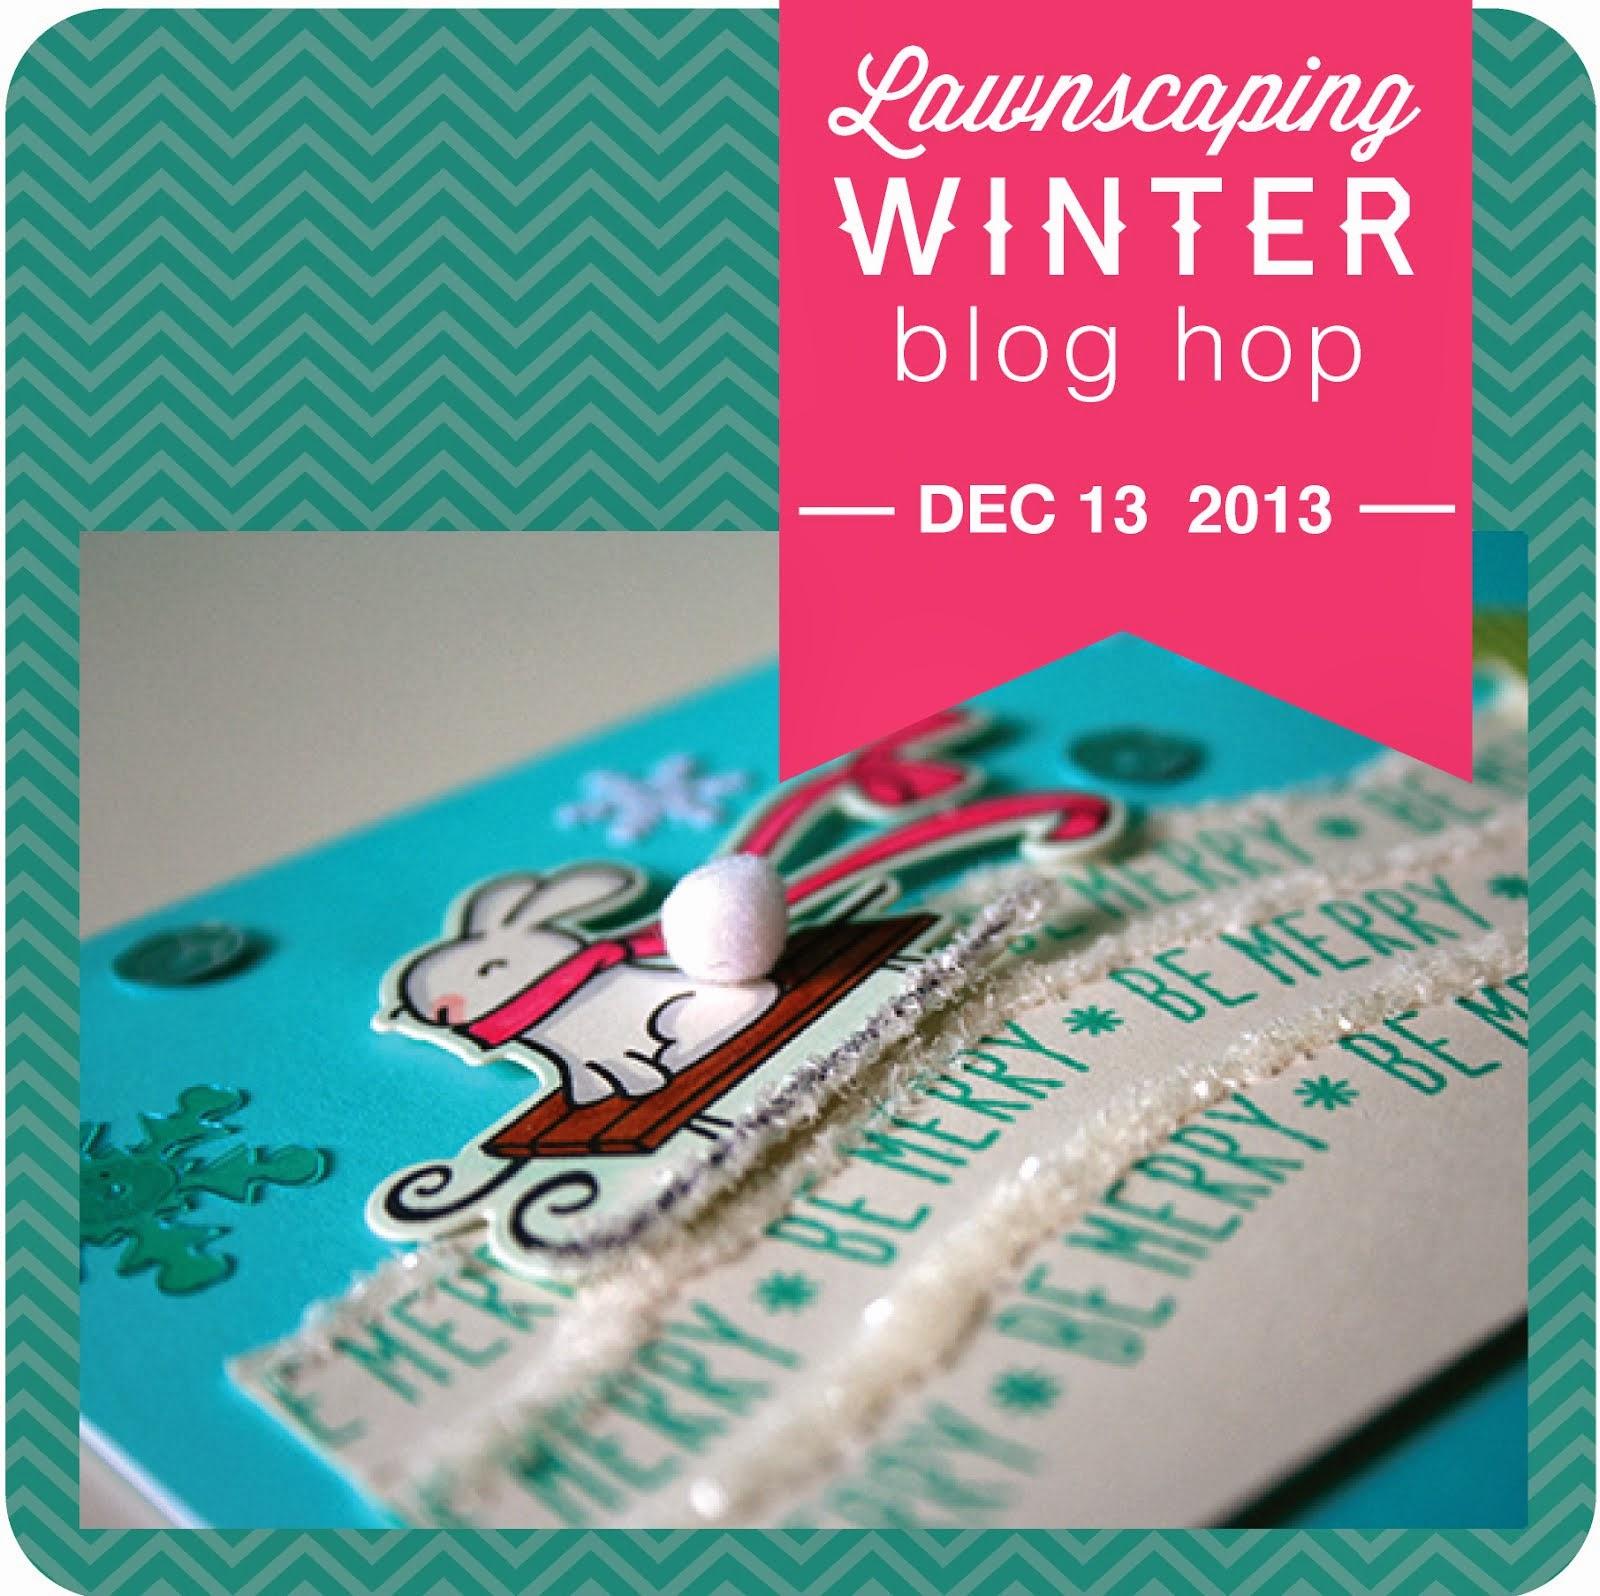 http://lisajaklitsch.typepad.com/winter-bloghop.jpg